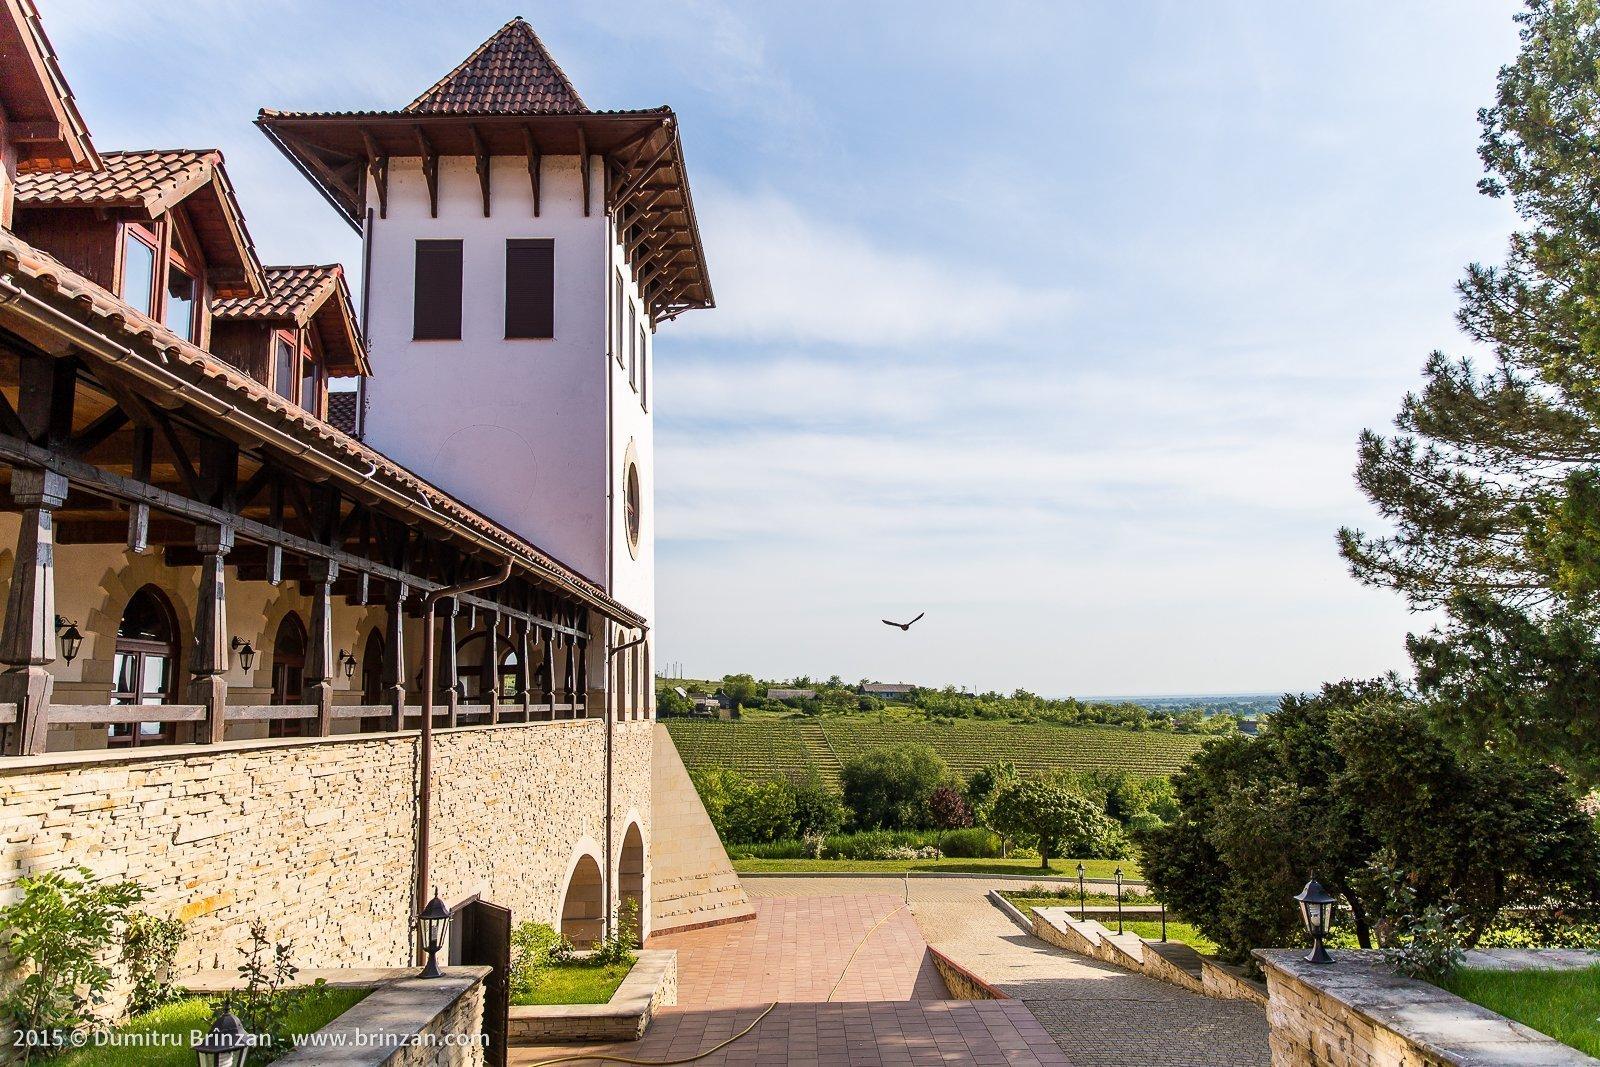 Purcari Estate - Overview